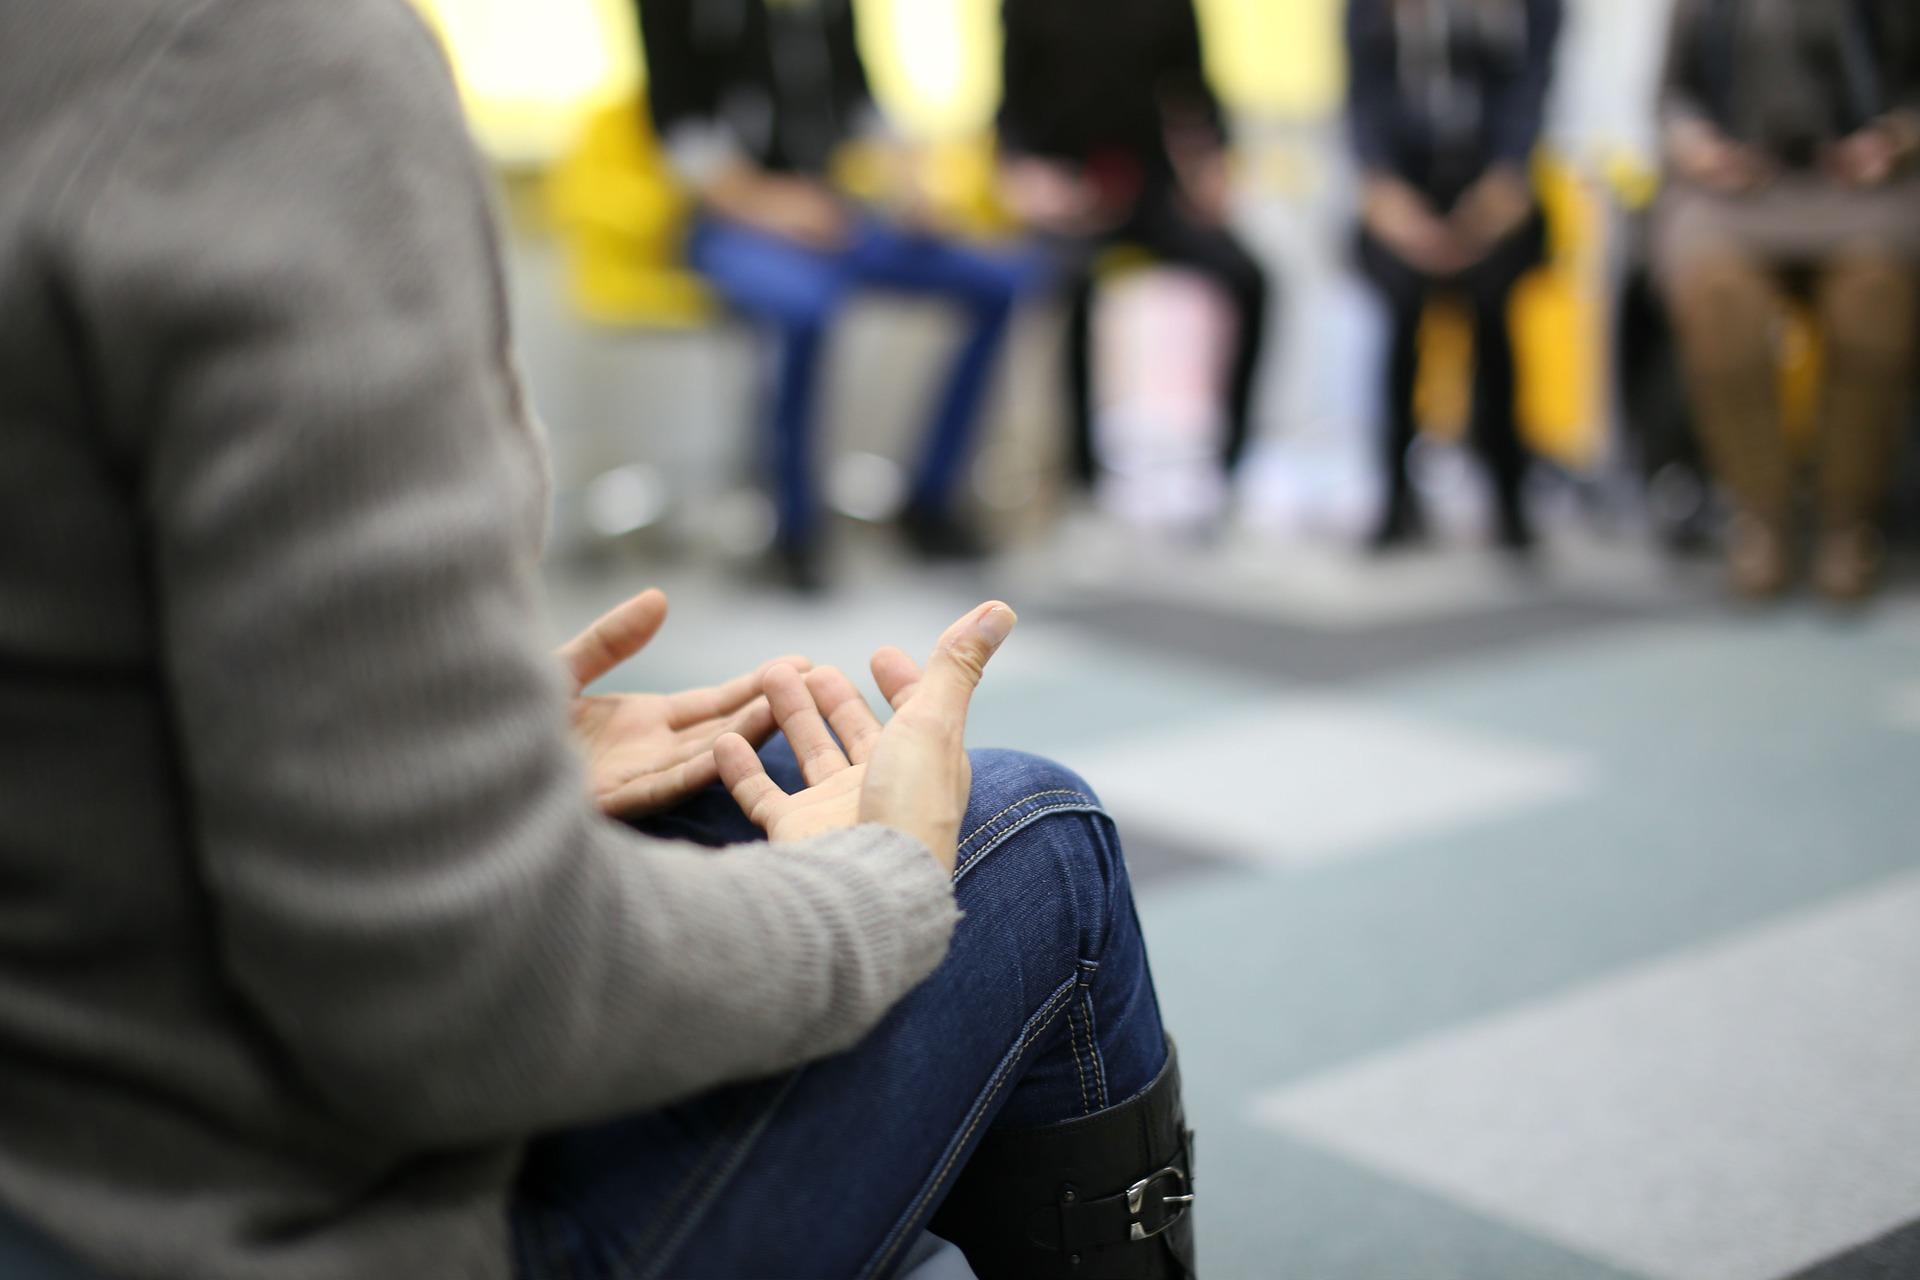 Consejos antes de tener tu primera sesión de terapia